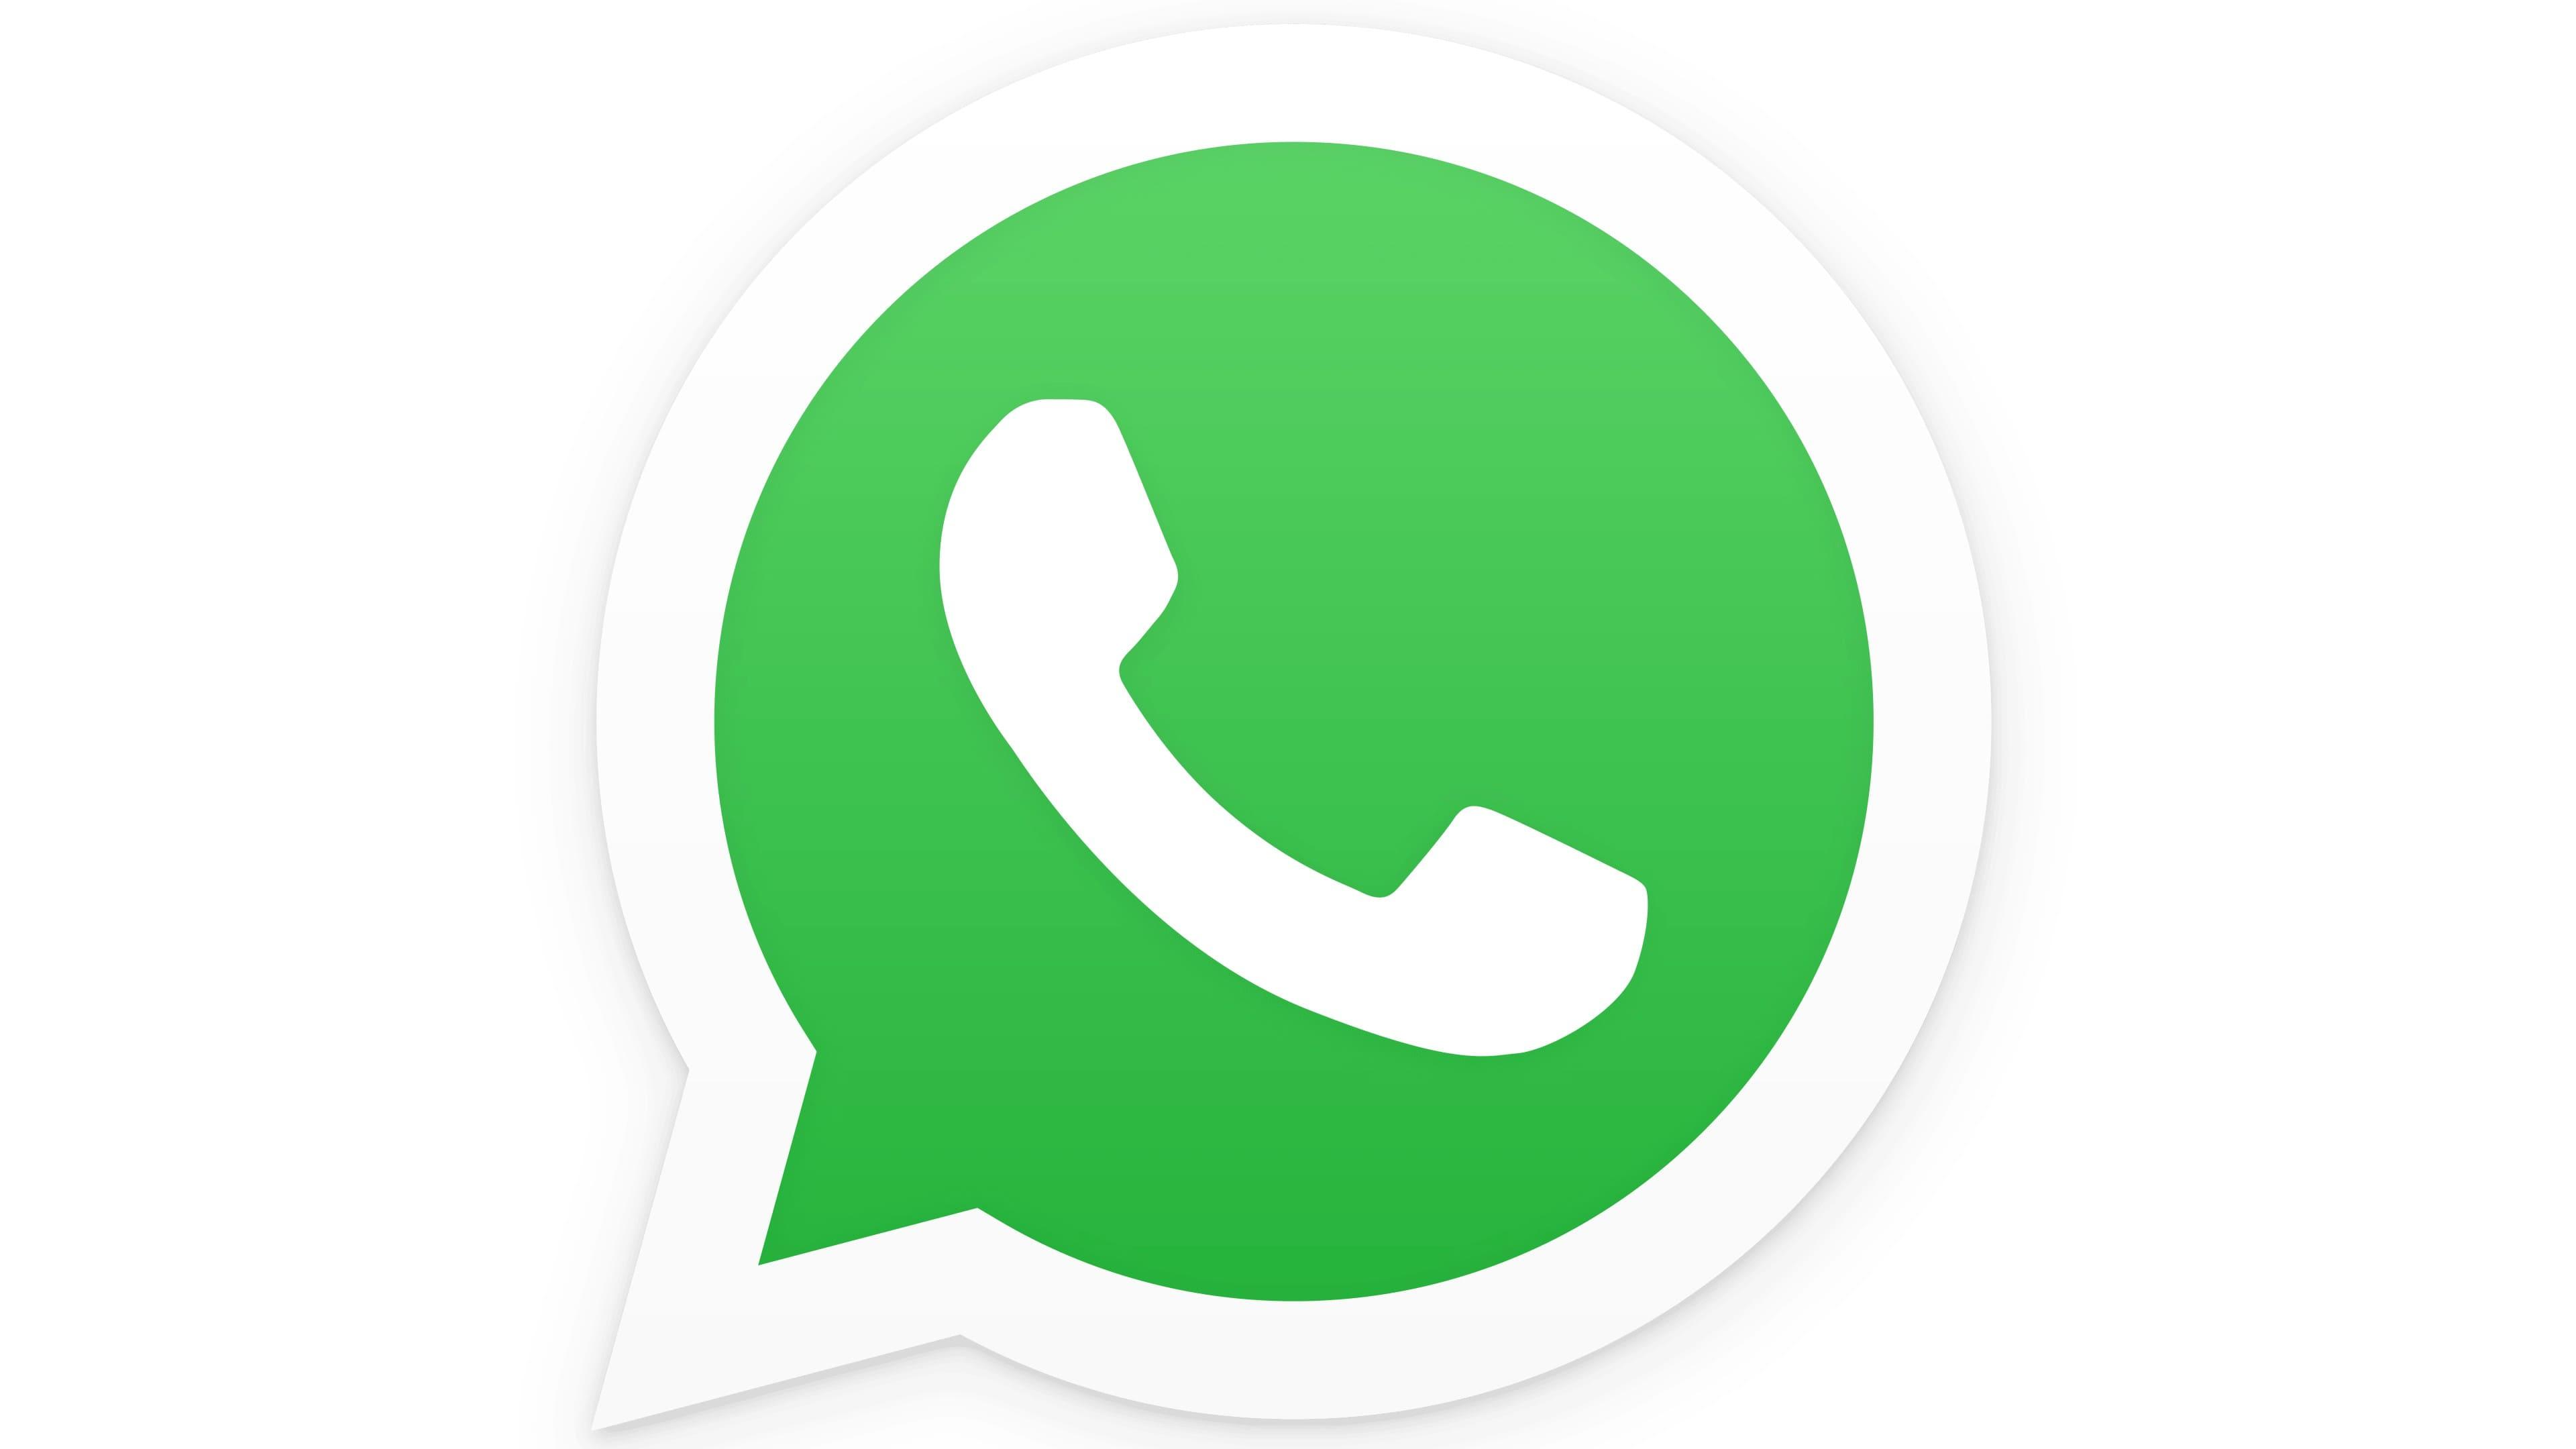 Logo de Whatsapp: la historia y el significado del logotipo, la marca y el  símbolo. | png, vector